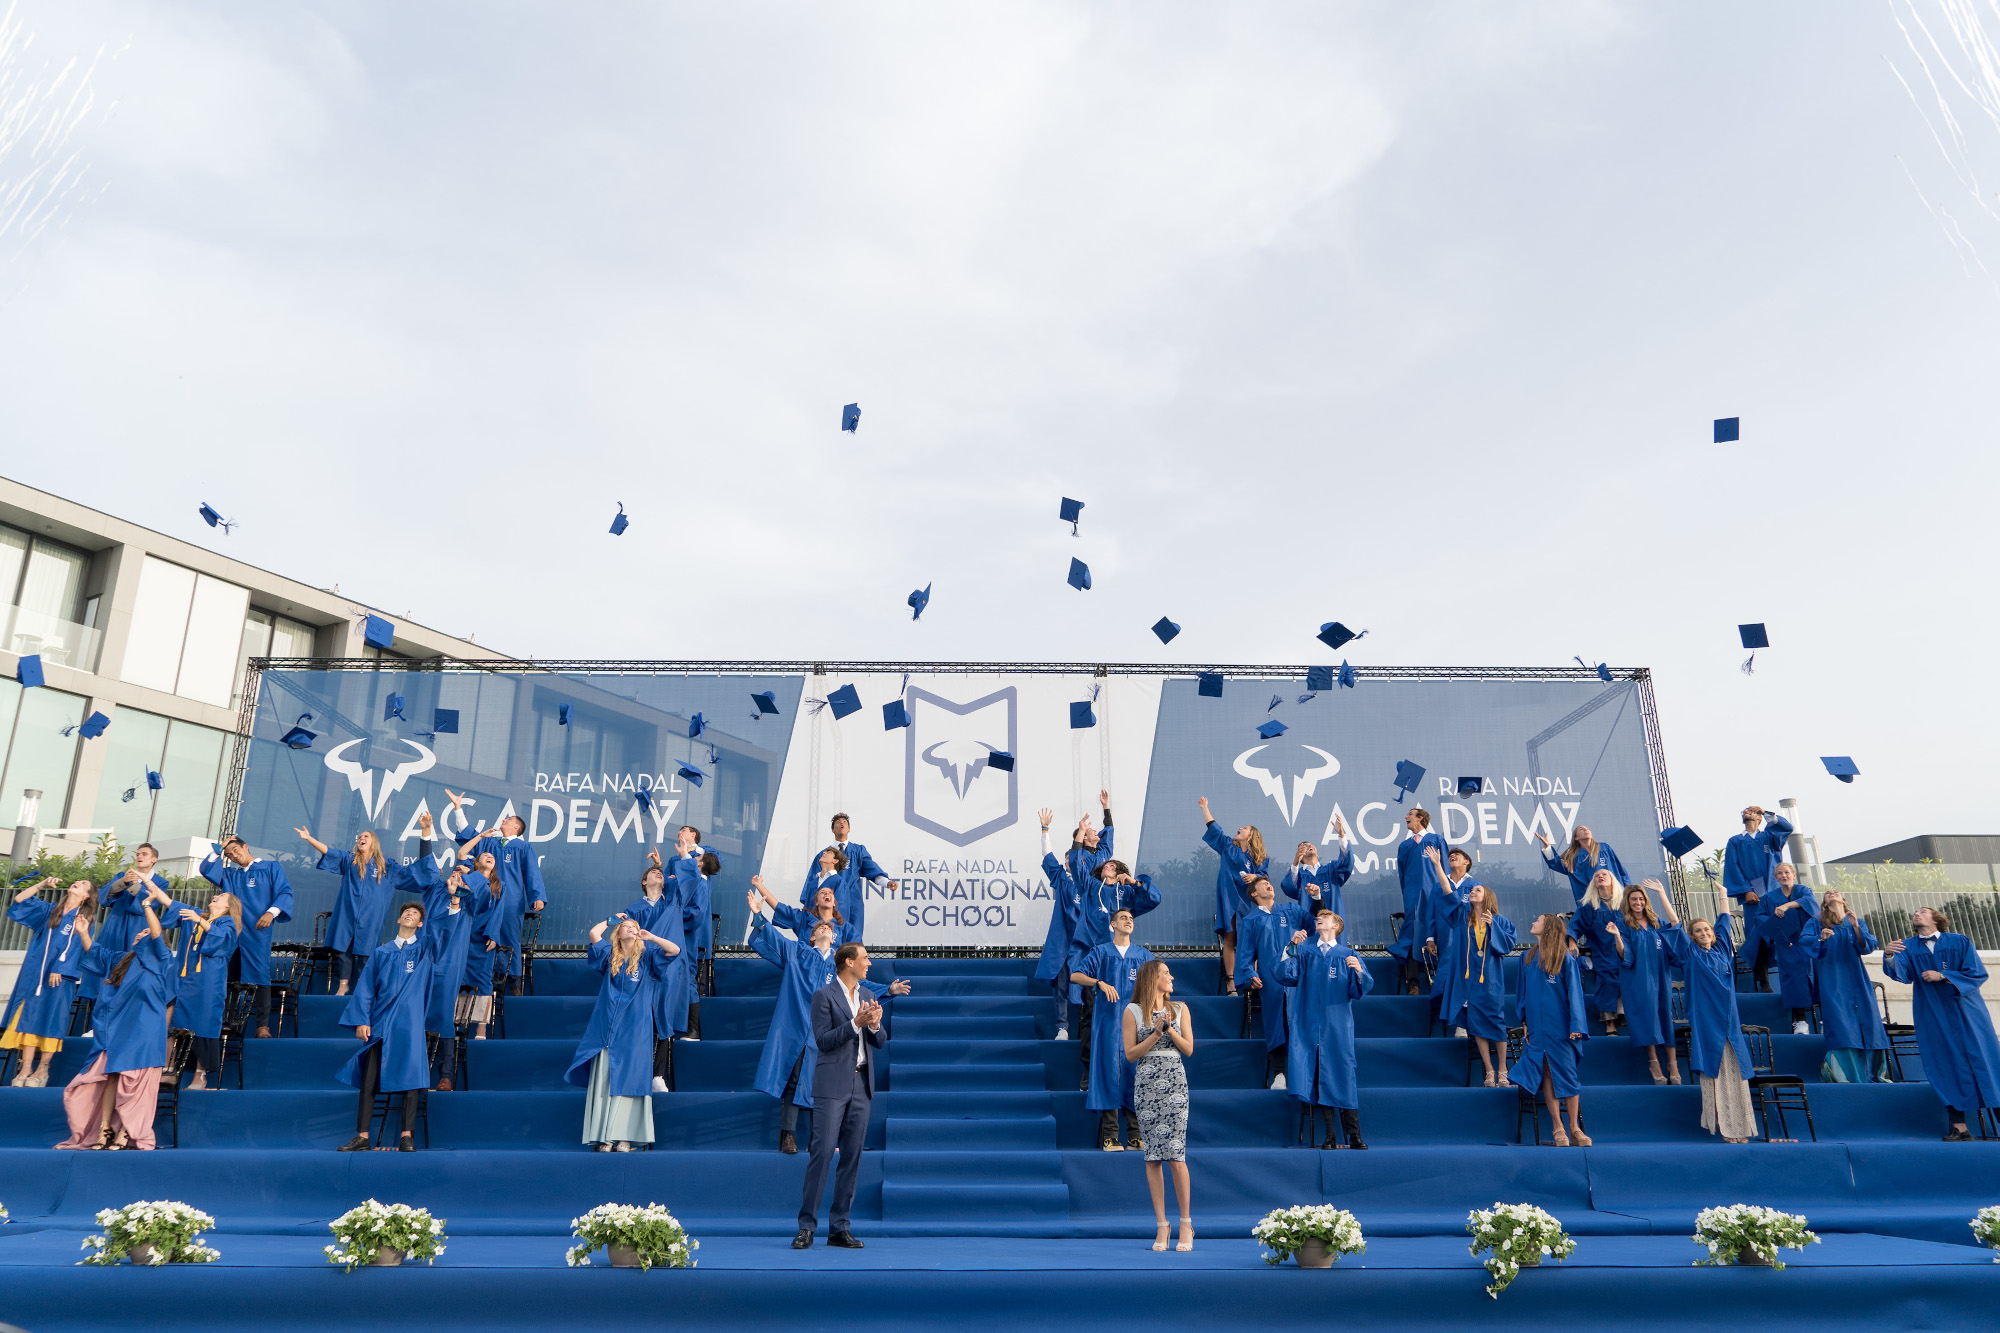 Rafa Nadal y Ona Carbonell presiden la graduación de la Rafa Nadal Academy by Movistar